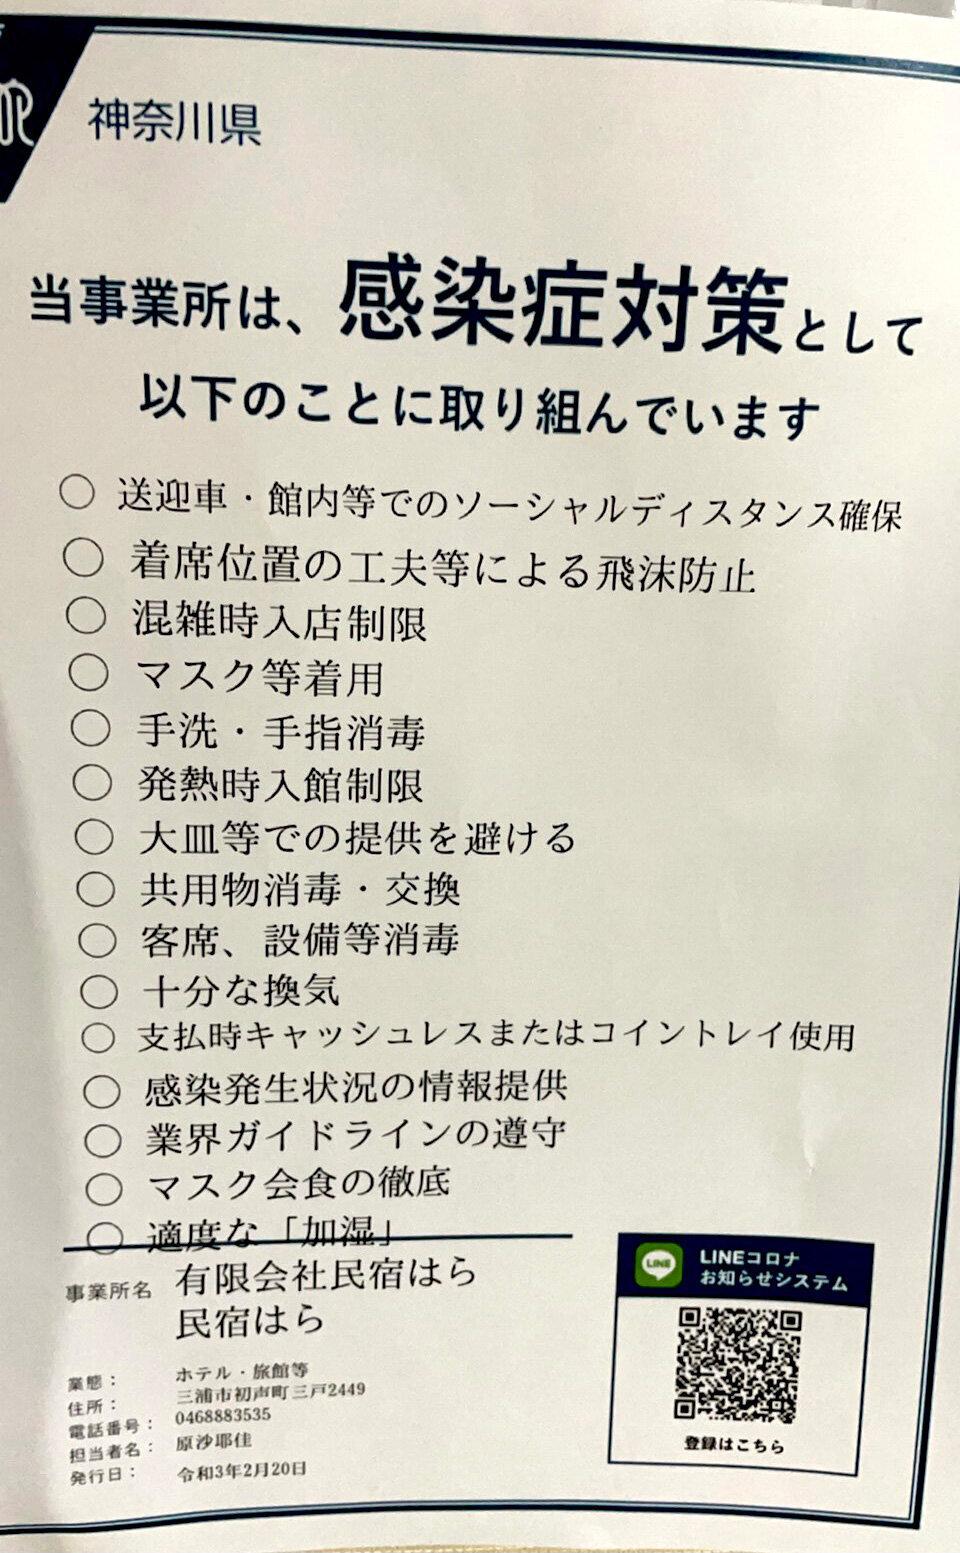 市 者 三浦 数 感染 コロナ 北海道 新型コロナ関連情報